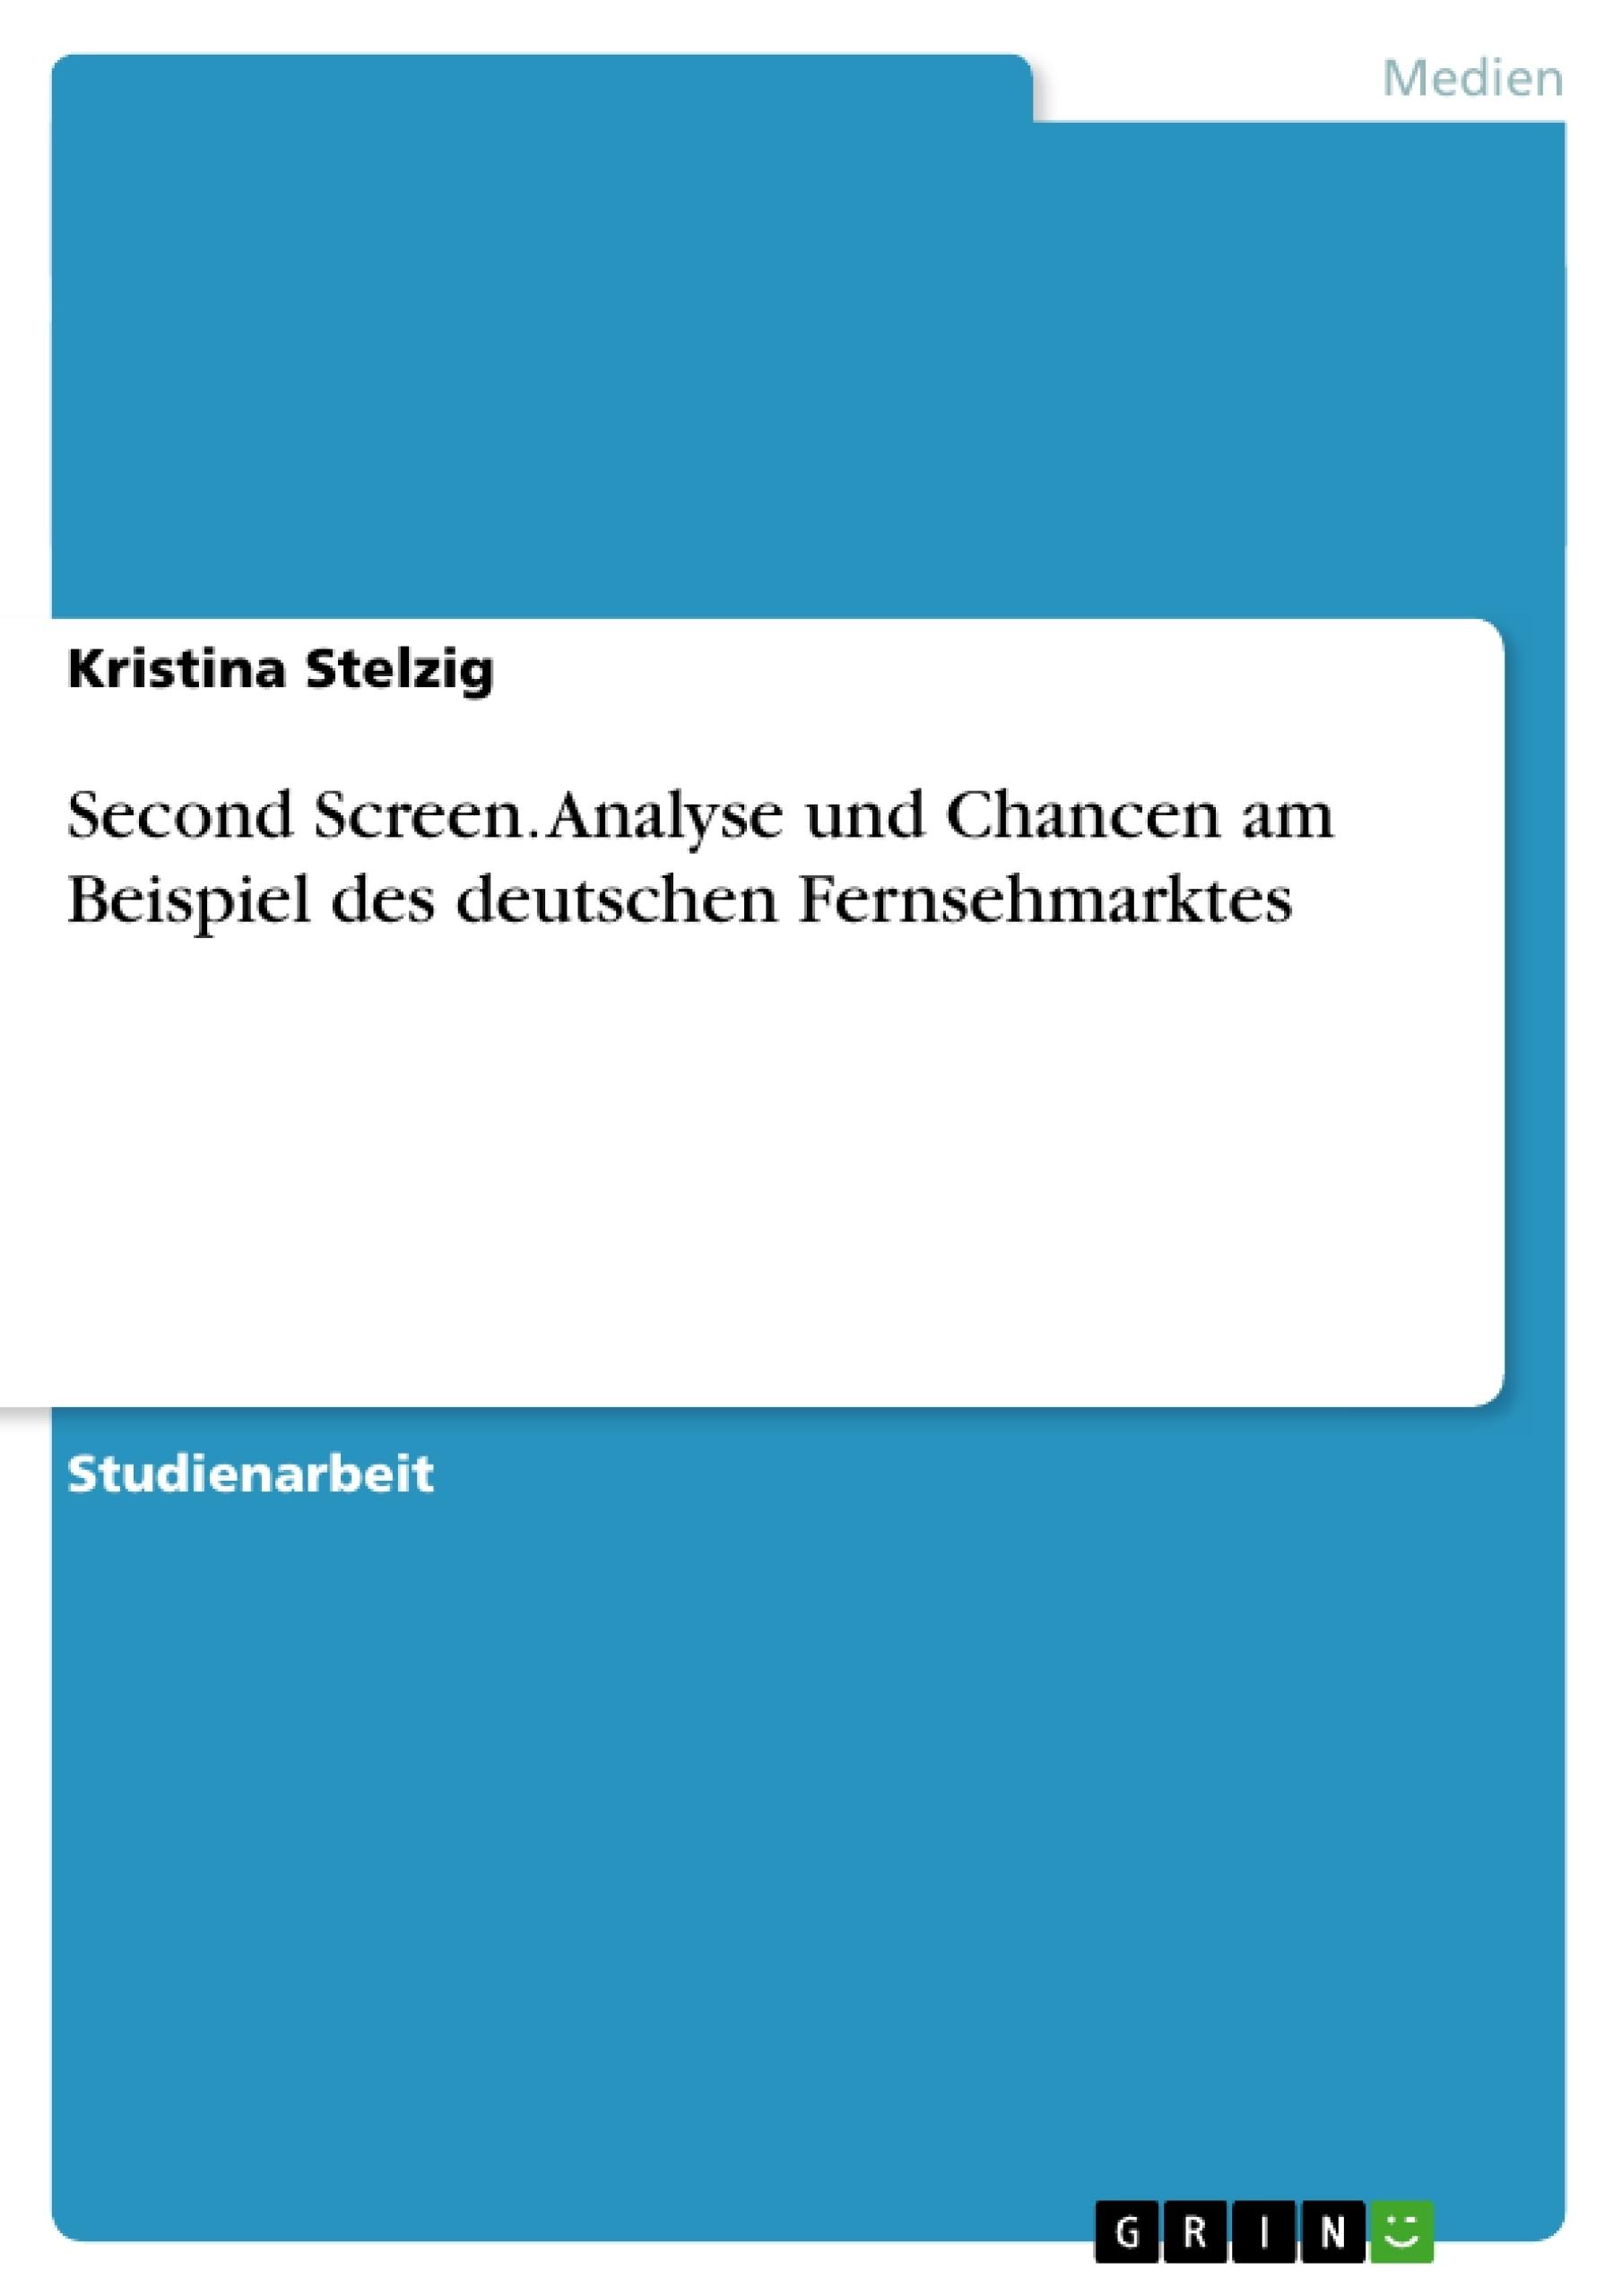 Titel: Second Screen. Analyse und Chancen am Beispiel des deutschen Fernsehmarktes